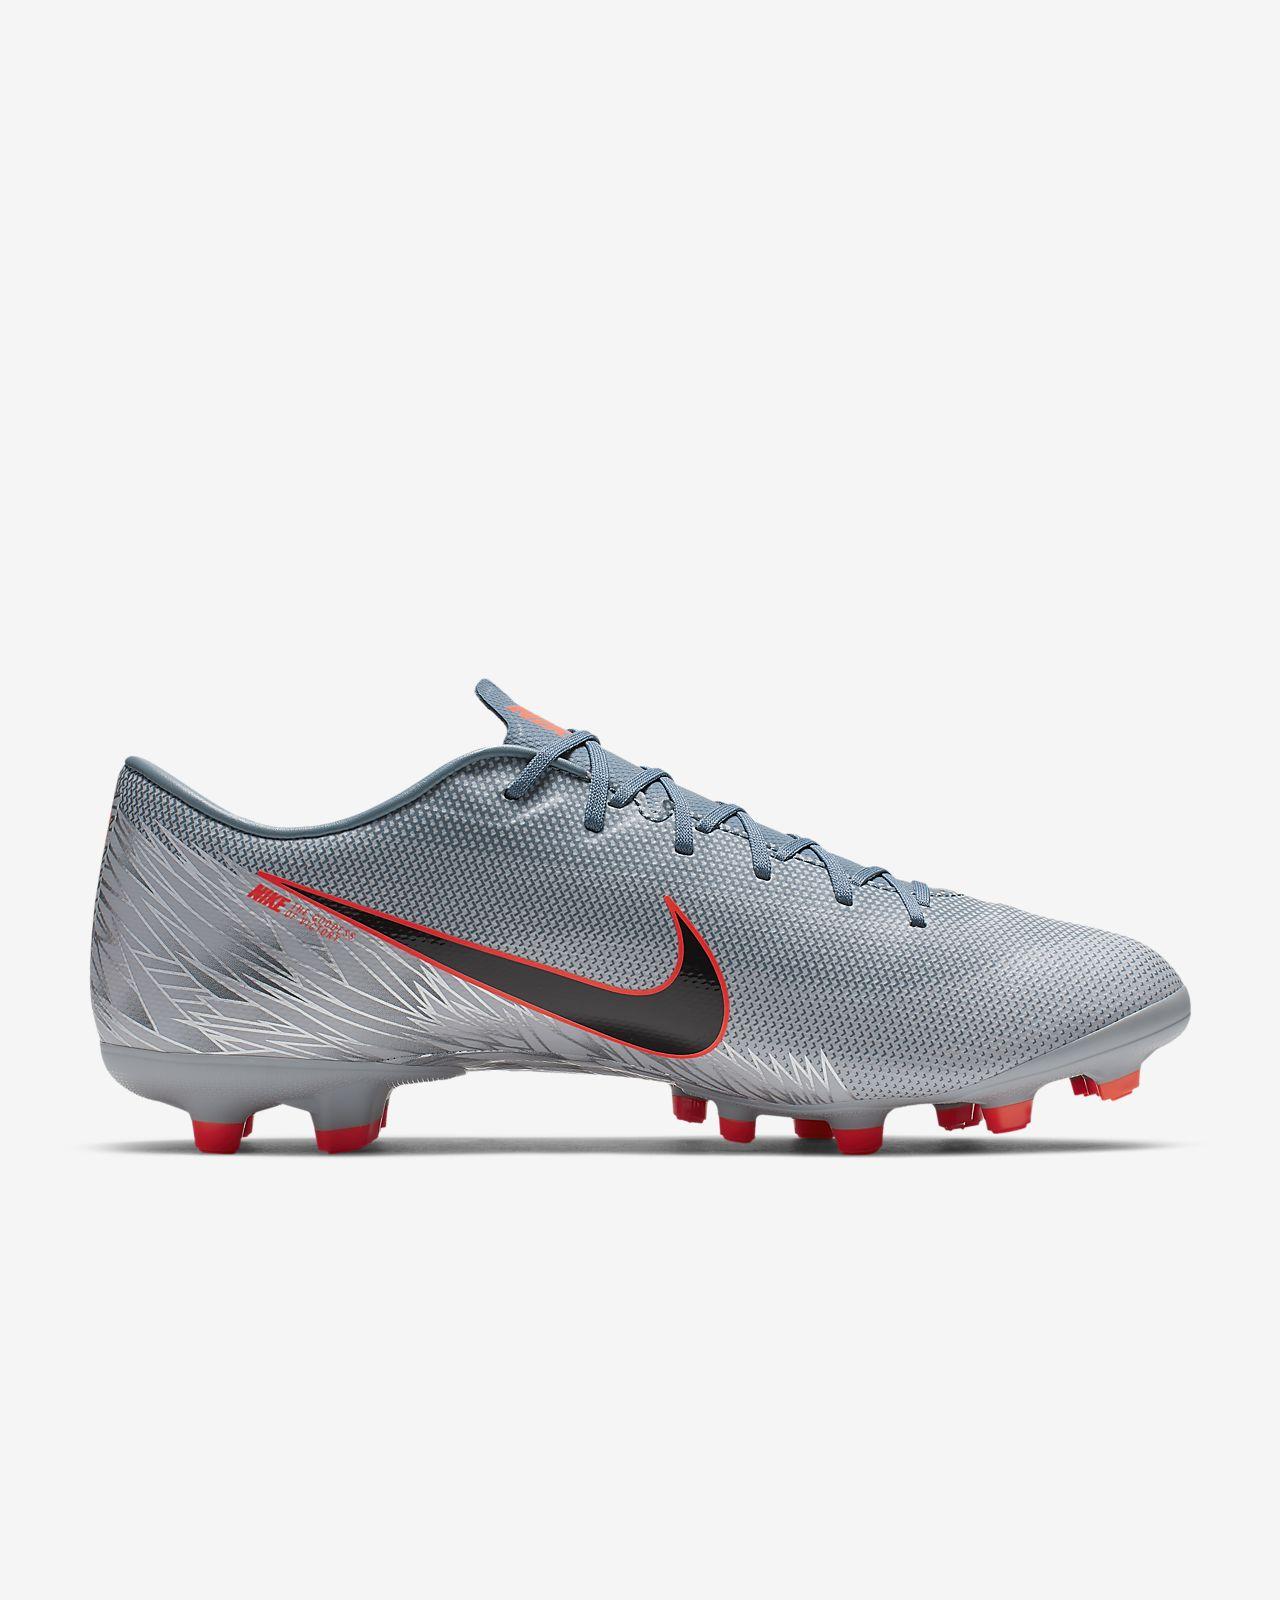 9fe0fdf78de Nike Vapor 12 Academy MG Multi-Ground Football Boot. Nike.com GB